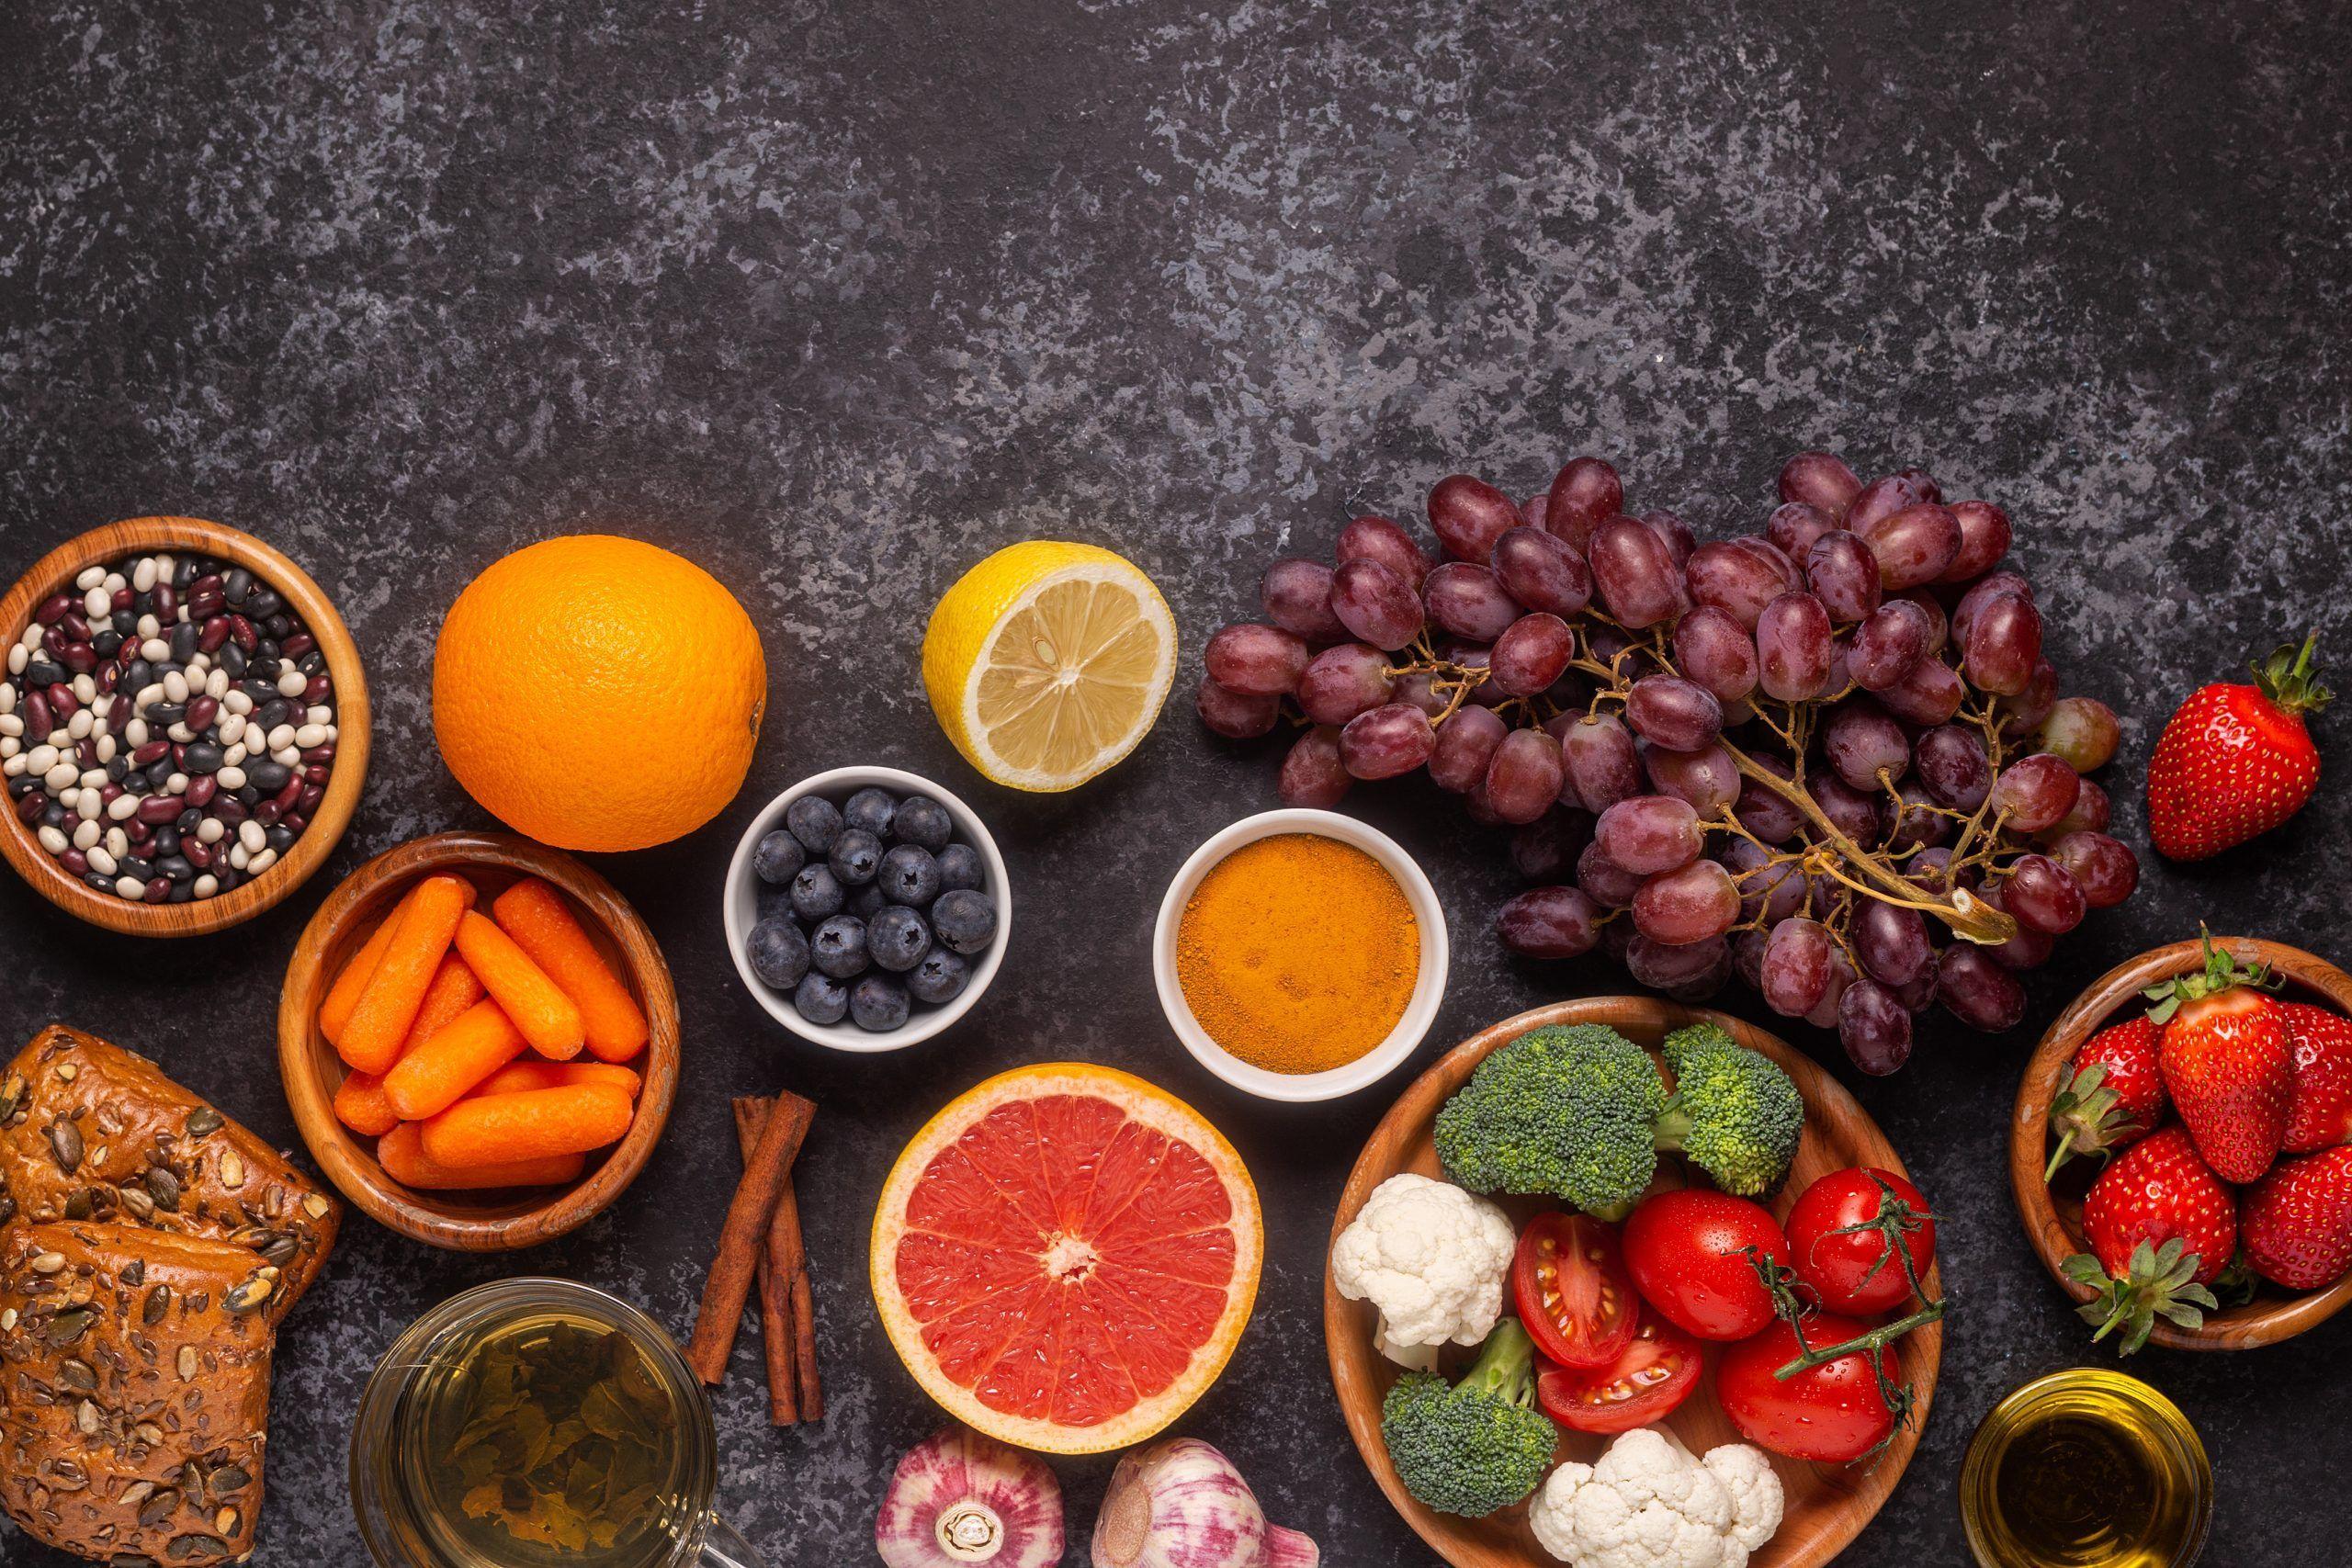 dieta durante quimioterapia